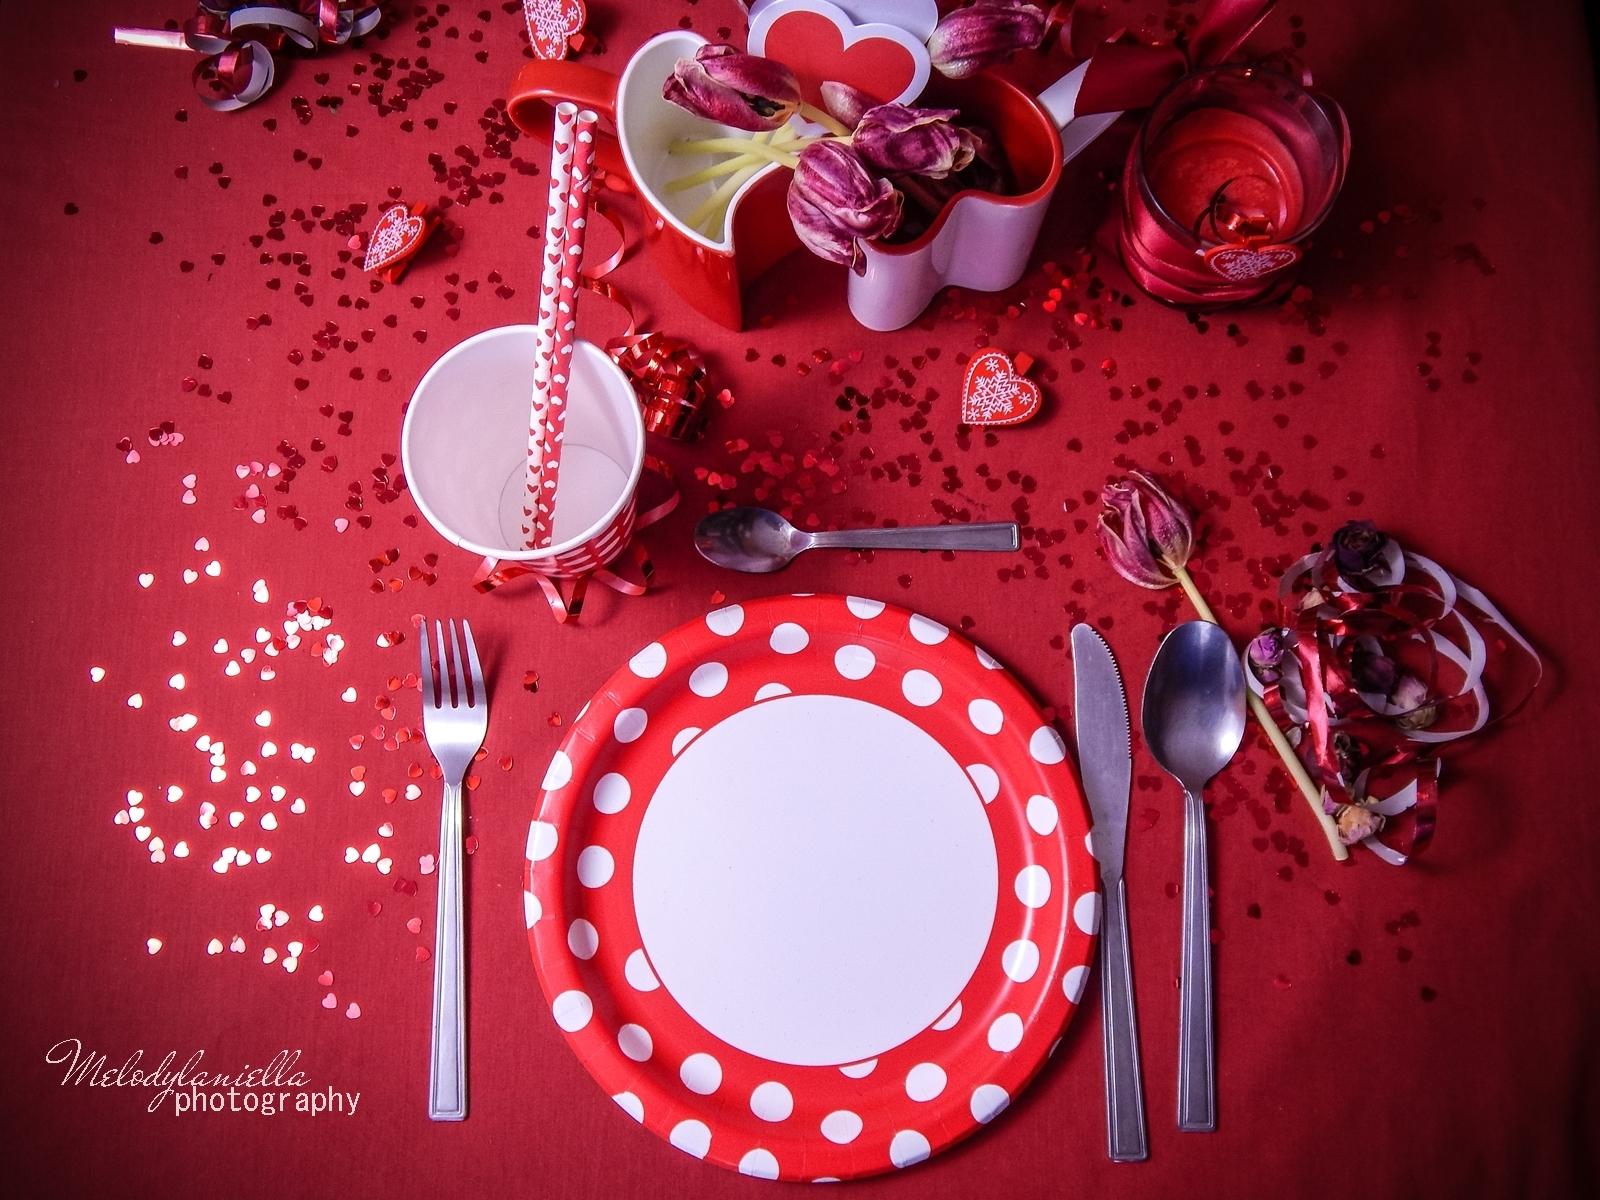 8 jak udekorować stół na walentynki walentynkowa kolacja pomysły na walentynkowe prezenty walentynkowe dekoracje home interior valentines blog melodylaniella partybox red confetti